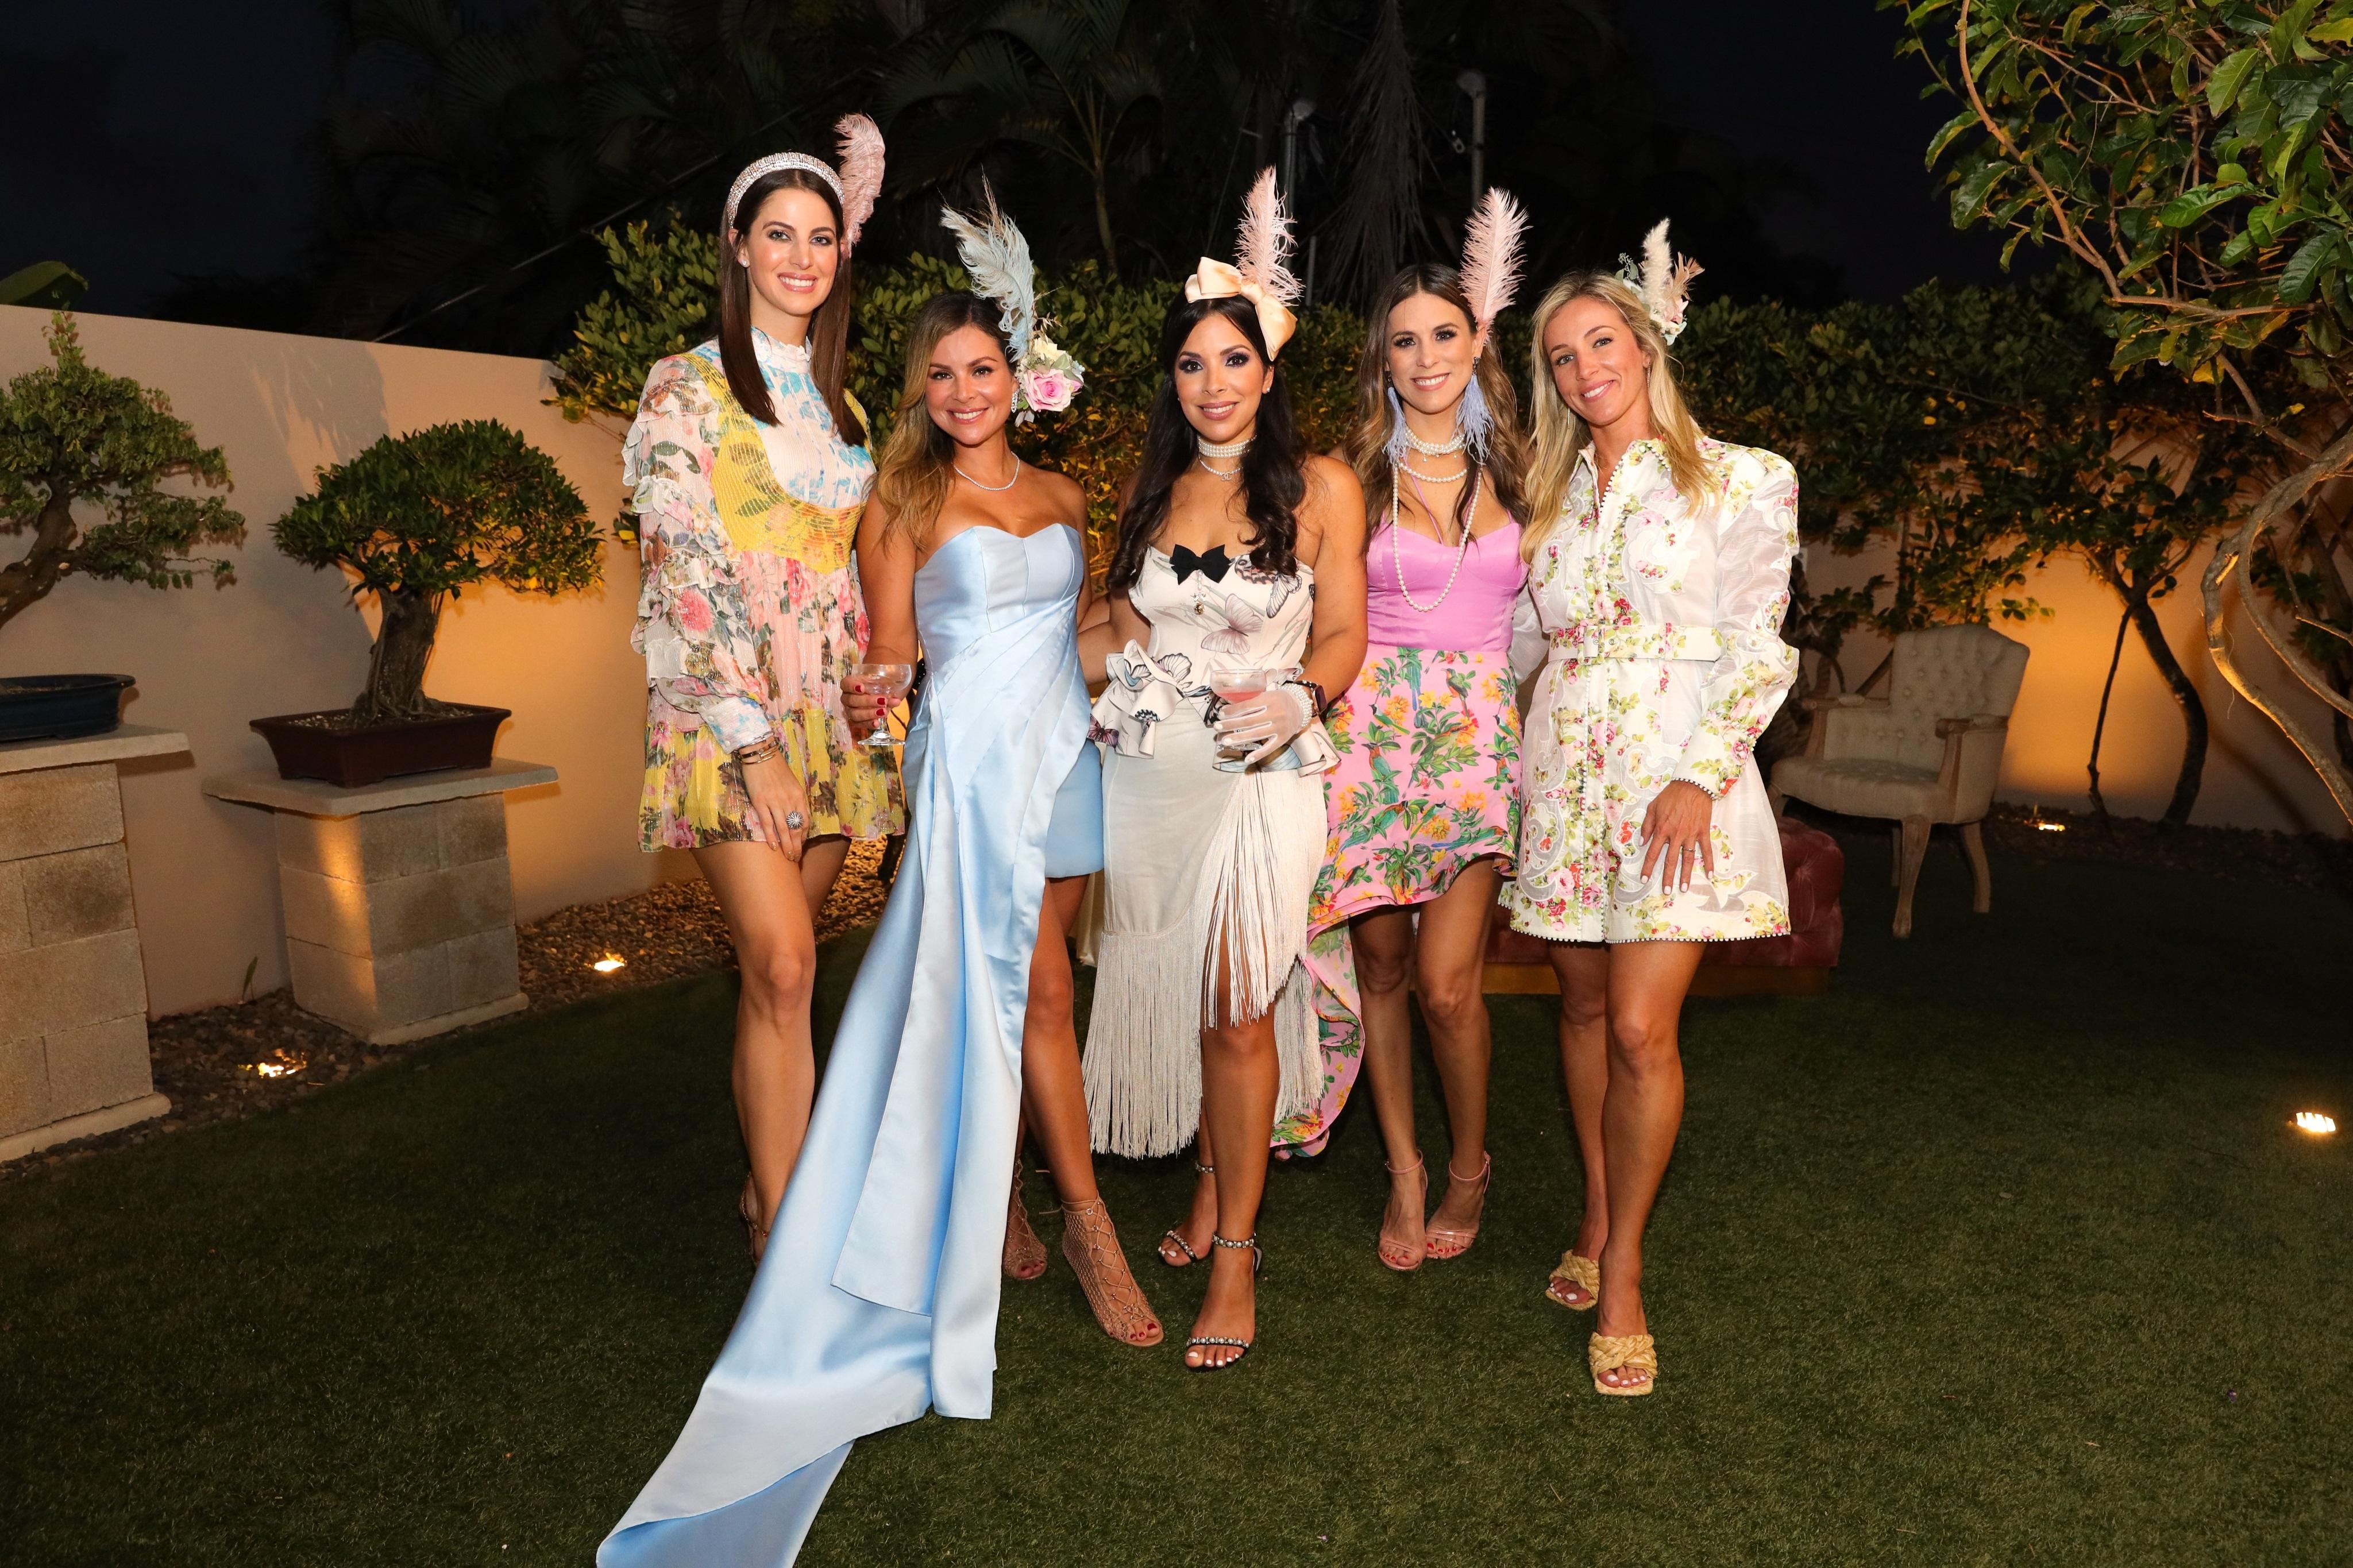 Cindy Matosantos, Mónica Ponce, Viviana Mercado, Sofía Bautista y Natalia Mazorra. (Suministrada/Karina Margary)